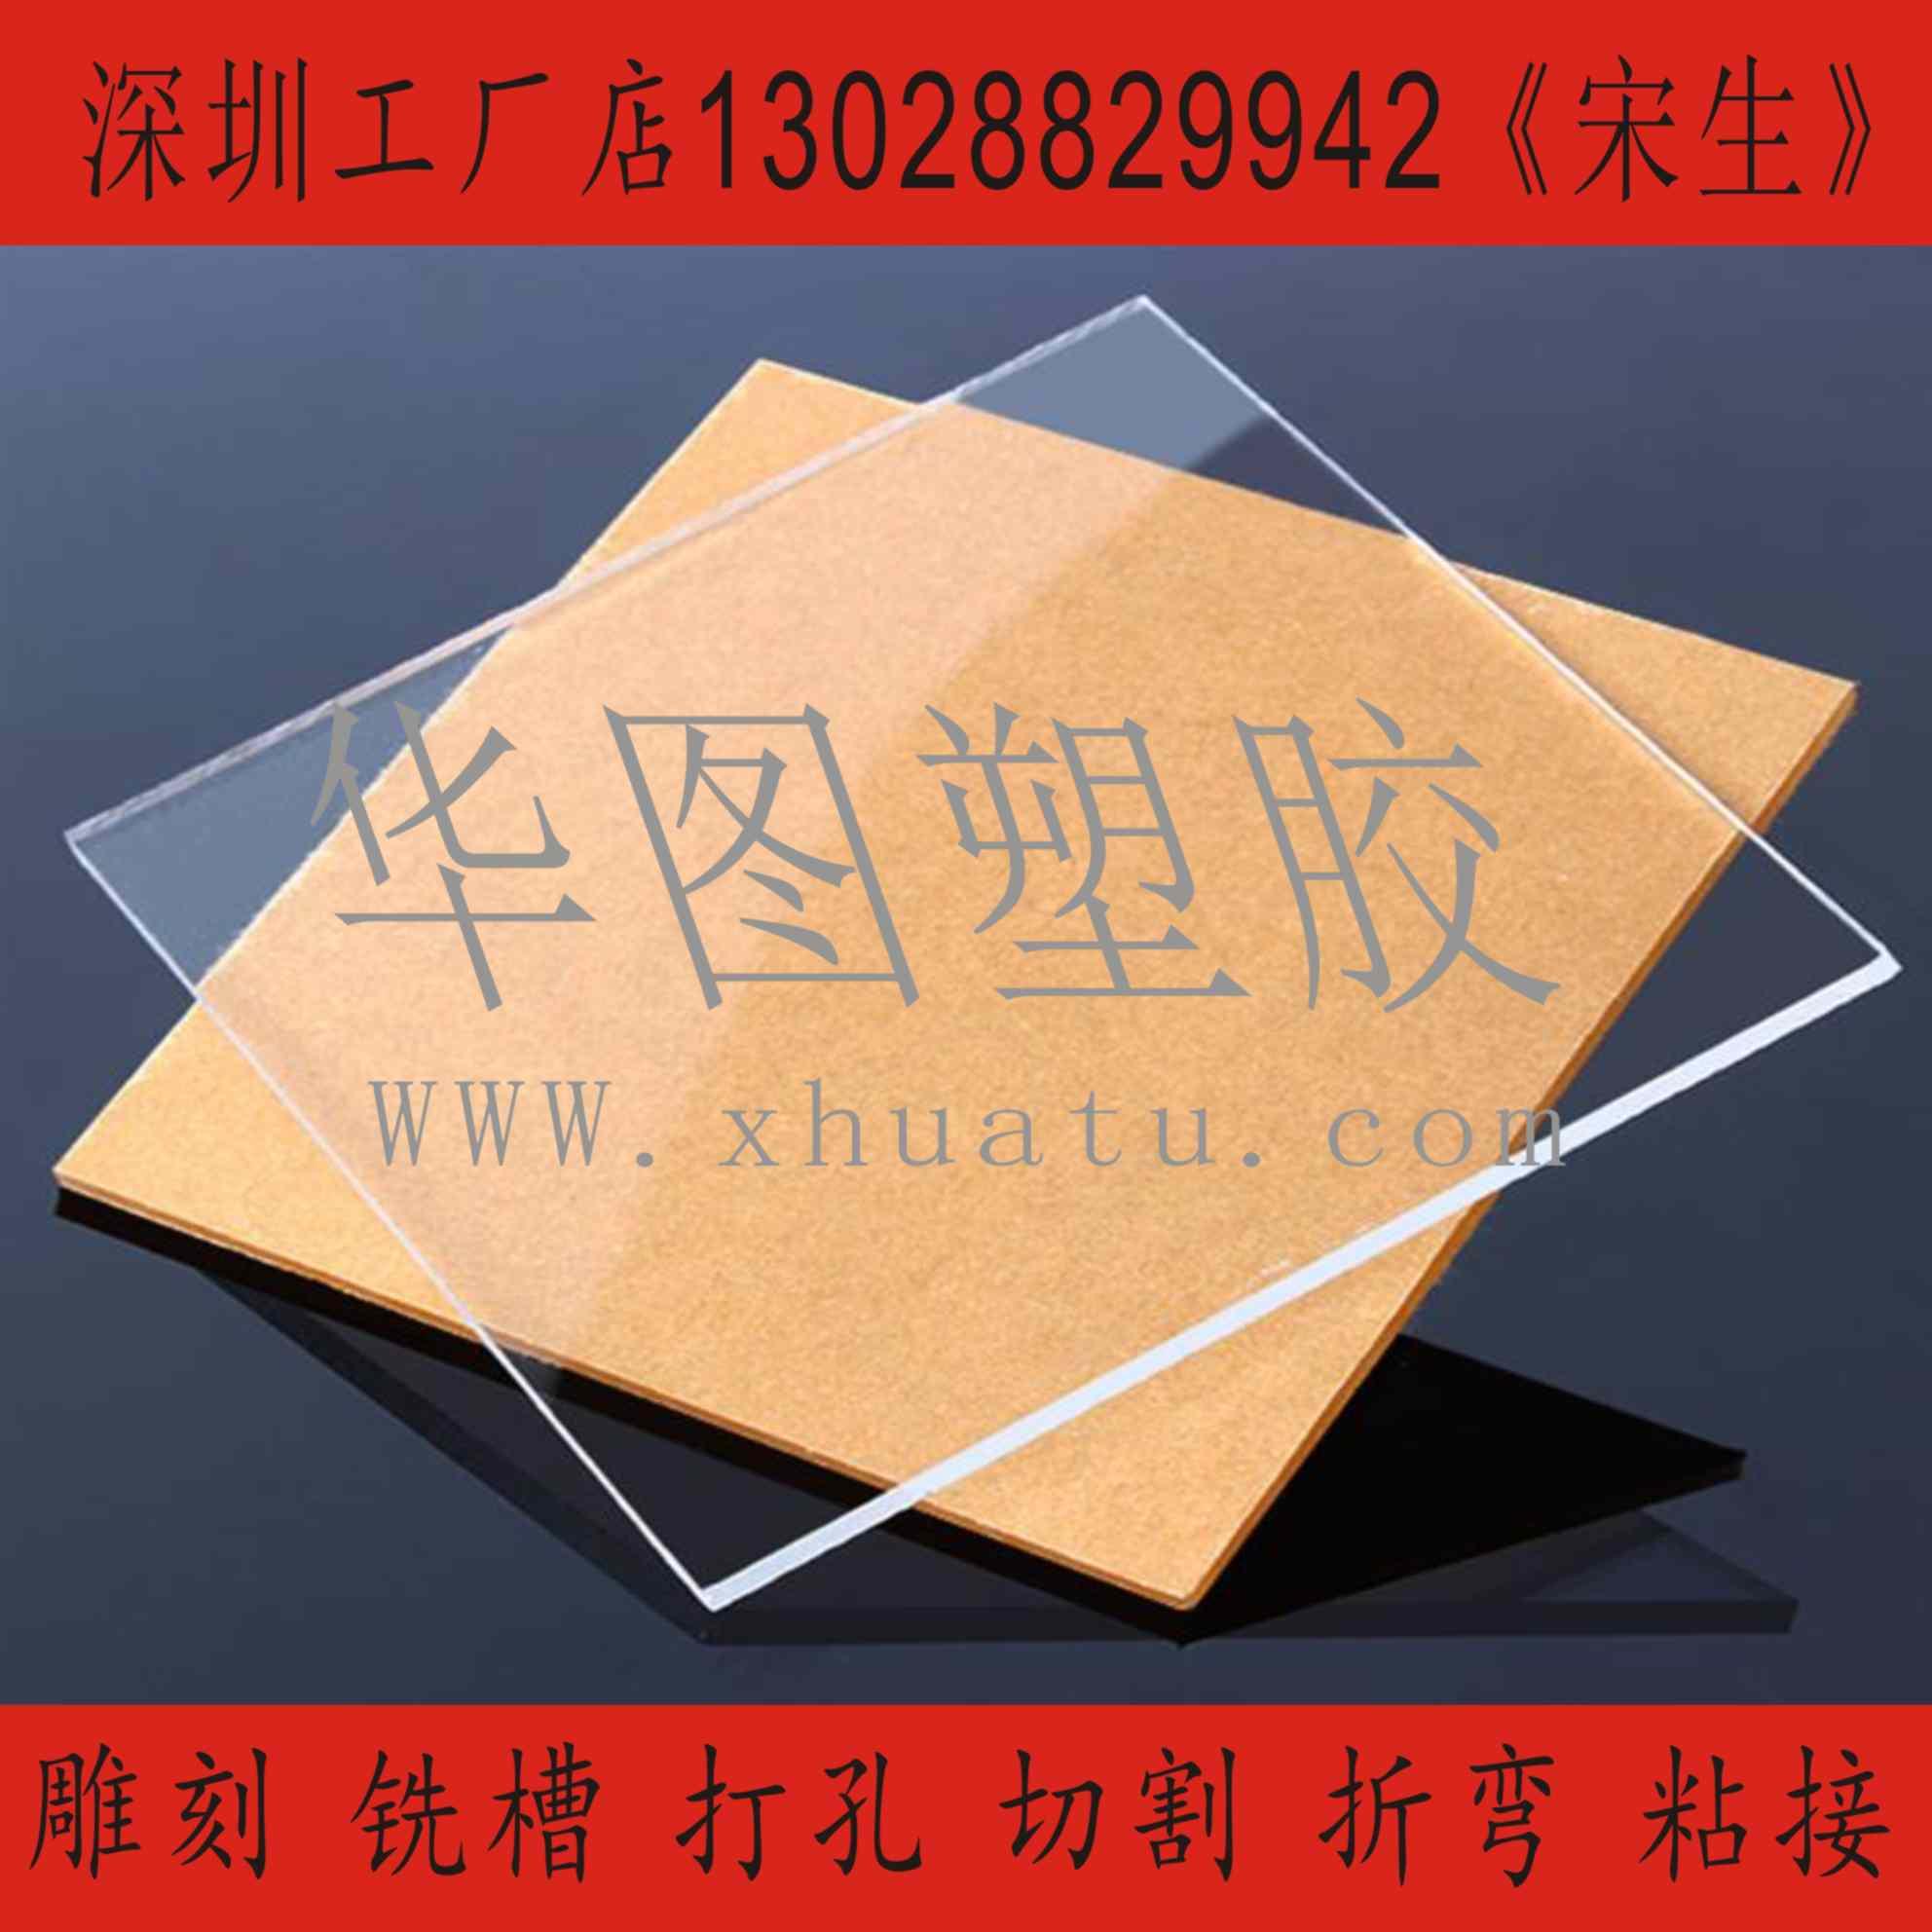 UN piatto di acrilico trasparente su misura per la Lavorazione della Lastra di Vetro organico su Piatti di Plastica UV Stampa su misura di taglio